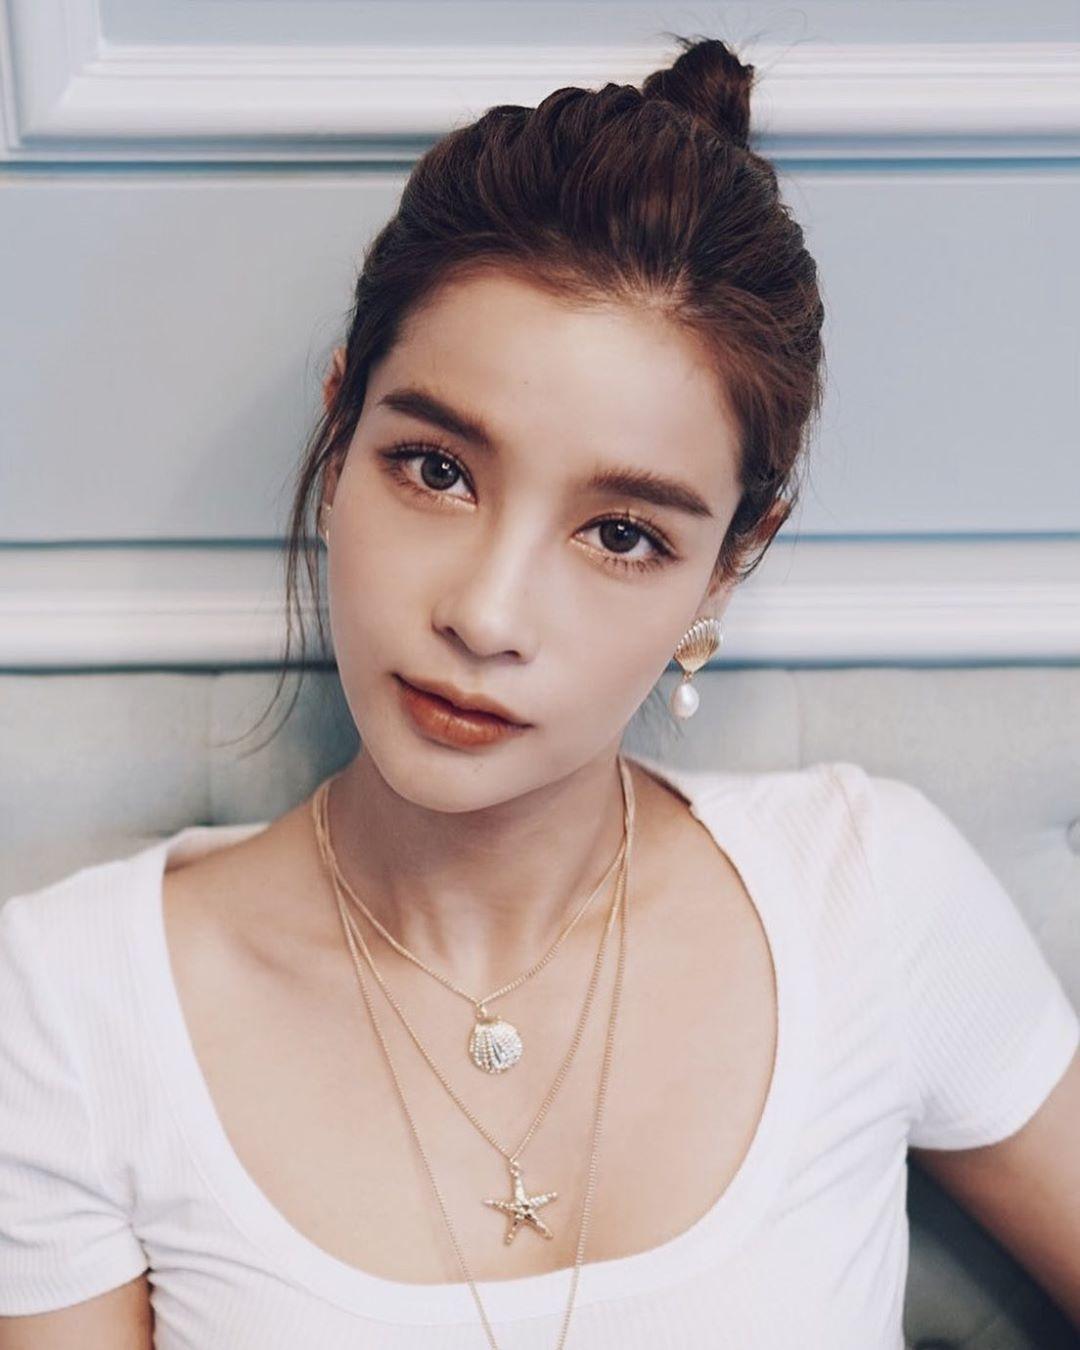 Liệu Ruk Laek Pop sẽ là chuyện tình tay ba của trai đẹp Film Thanapat? (1)